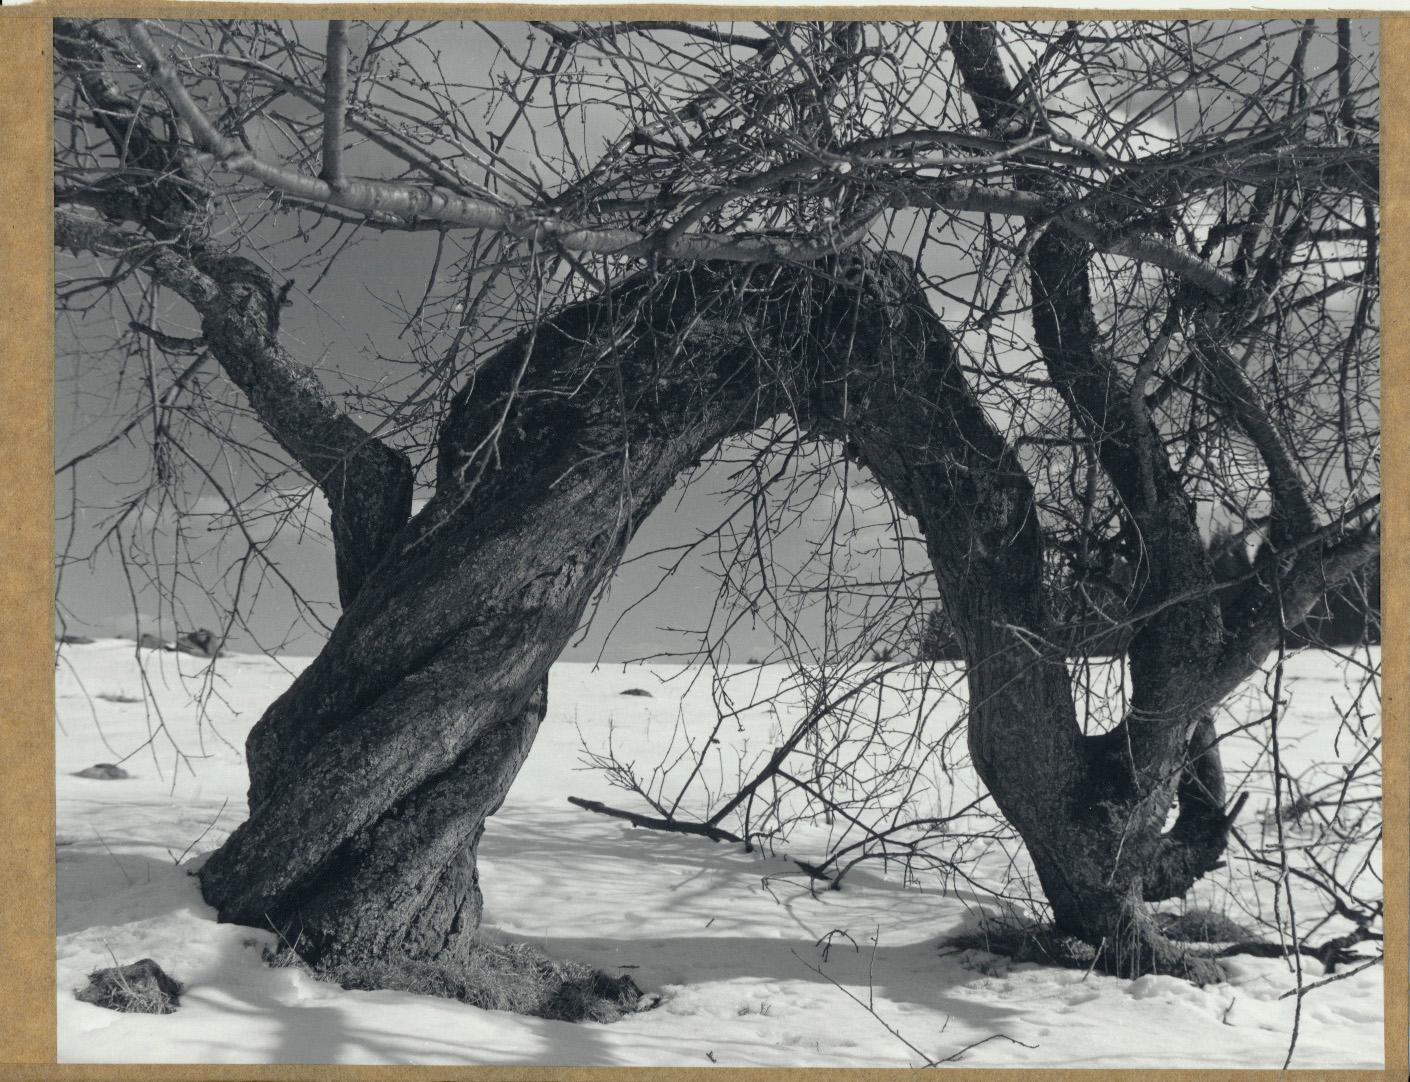 Těžký život - Bývalé Dolní Lazy zima 2014 - Fomabrom112C/Foma GD-L (18x24cm)